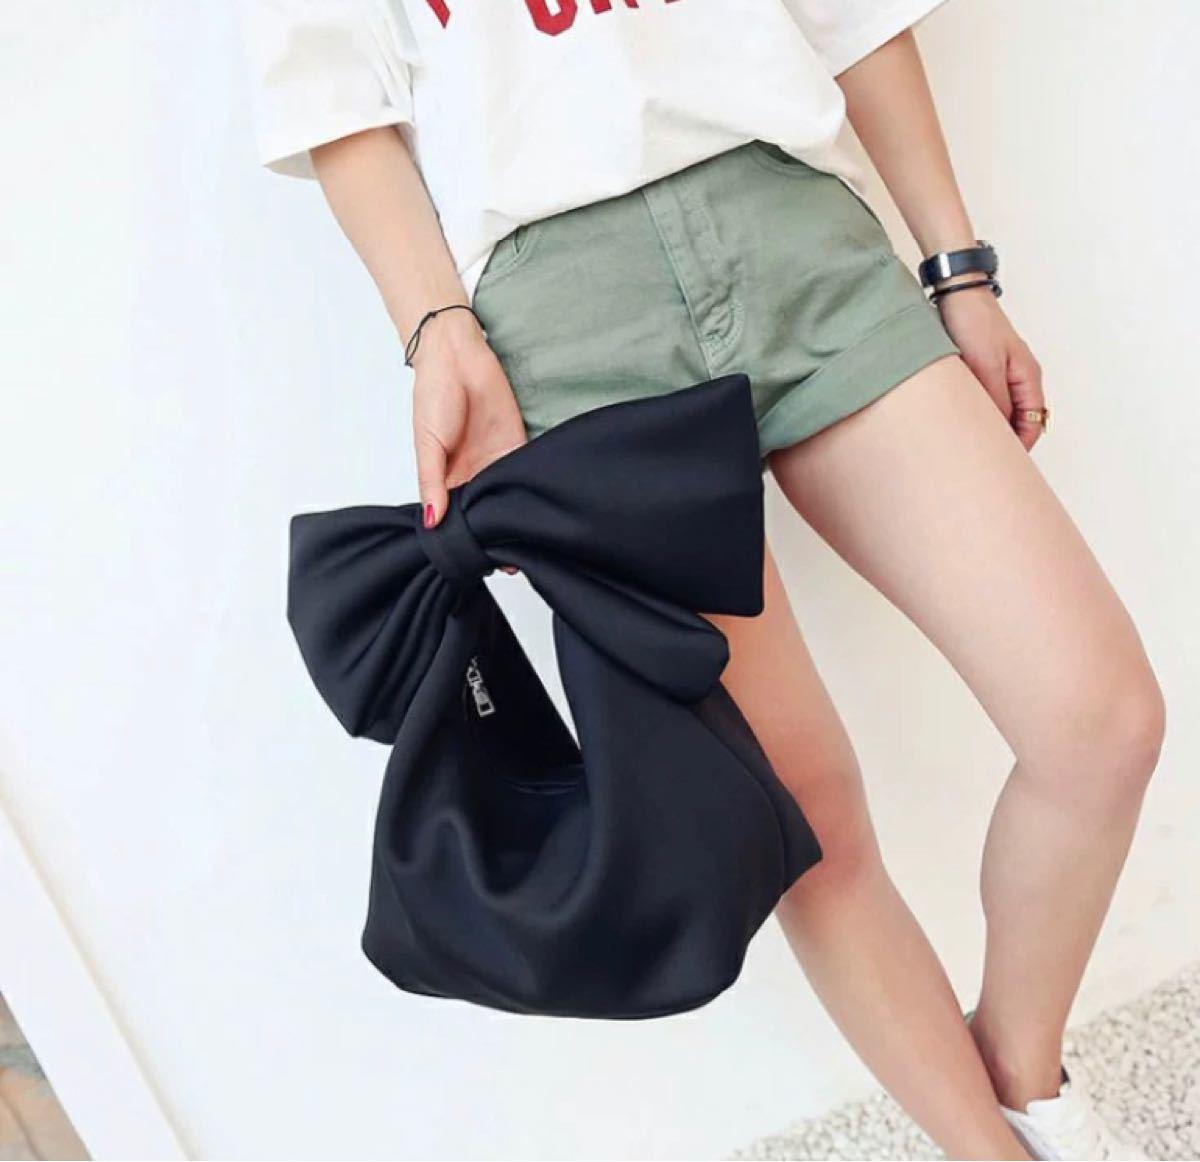 バッグ ハンドバッグ リボン トートバッグ 韓国 冬 春 ショルダーバッグ 黒